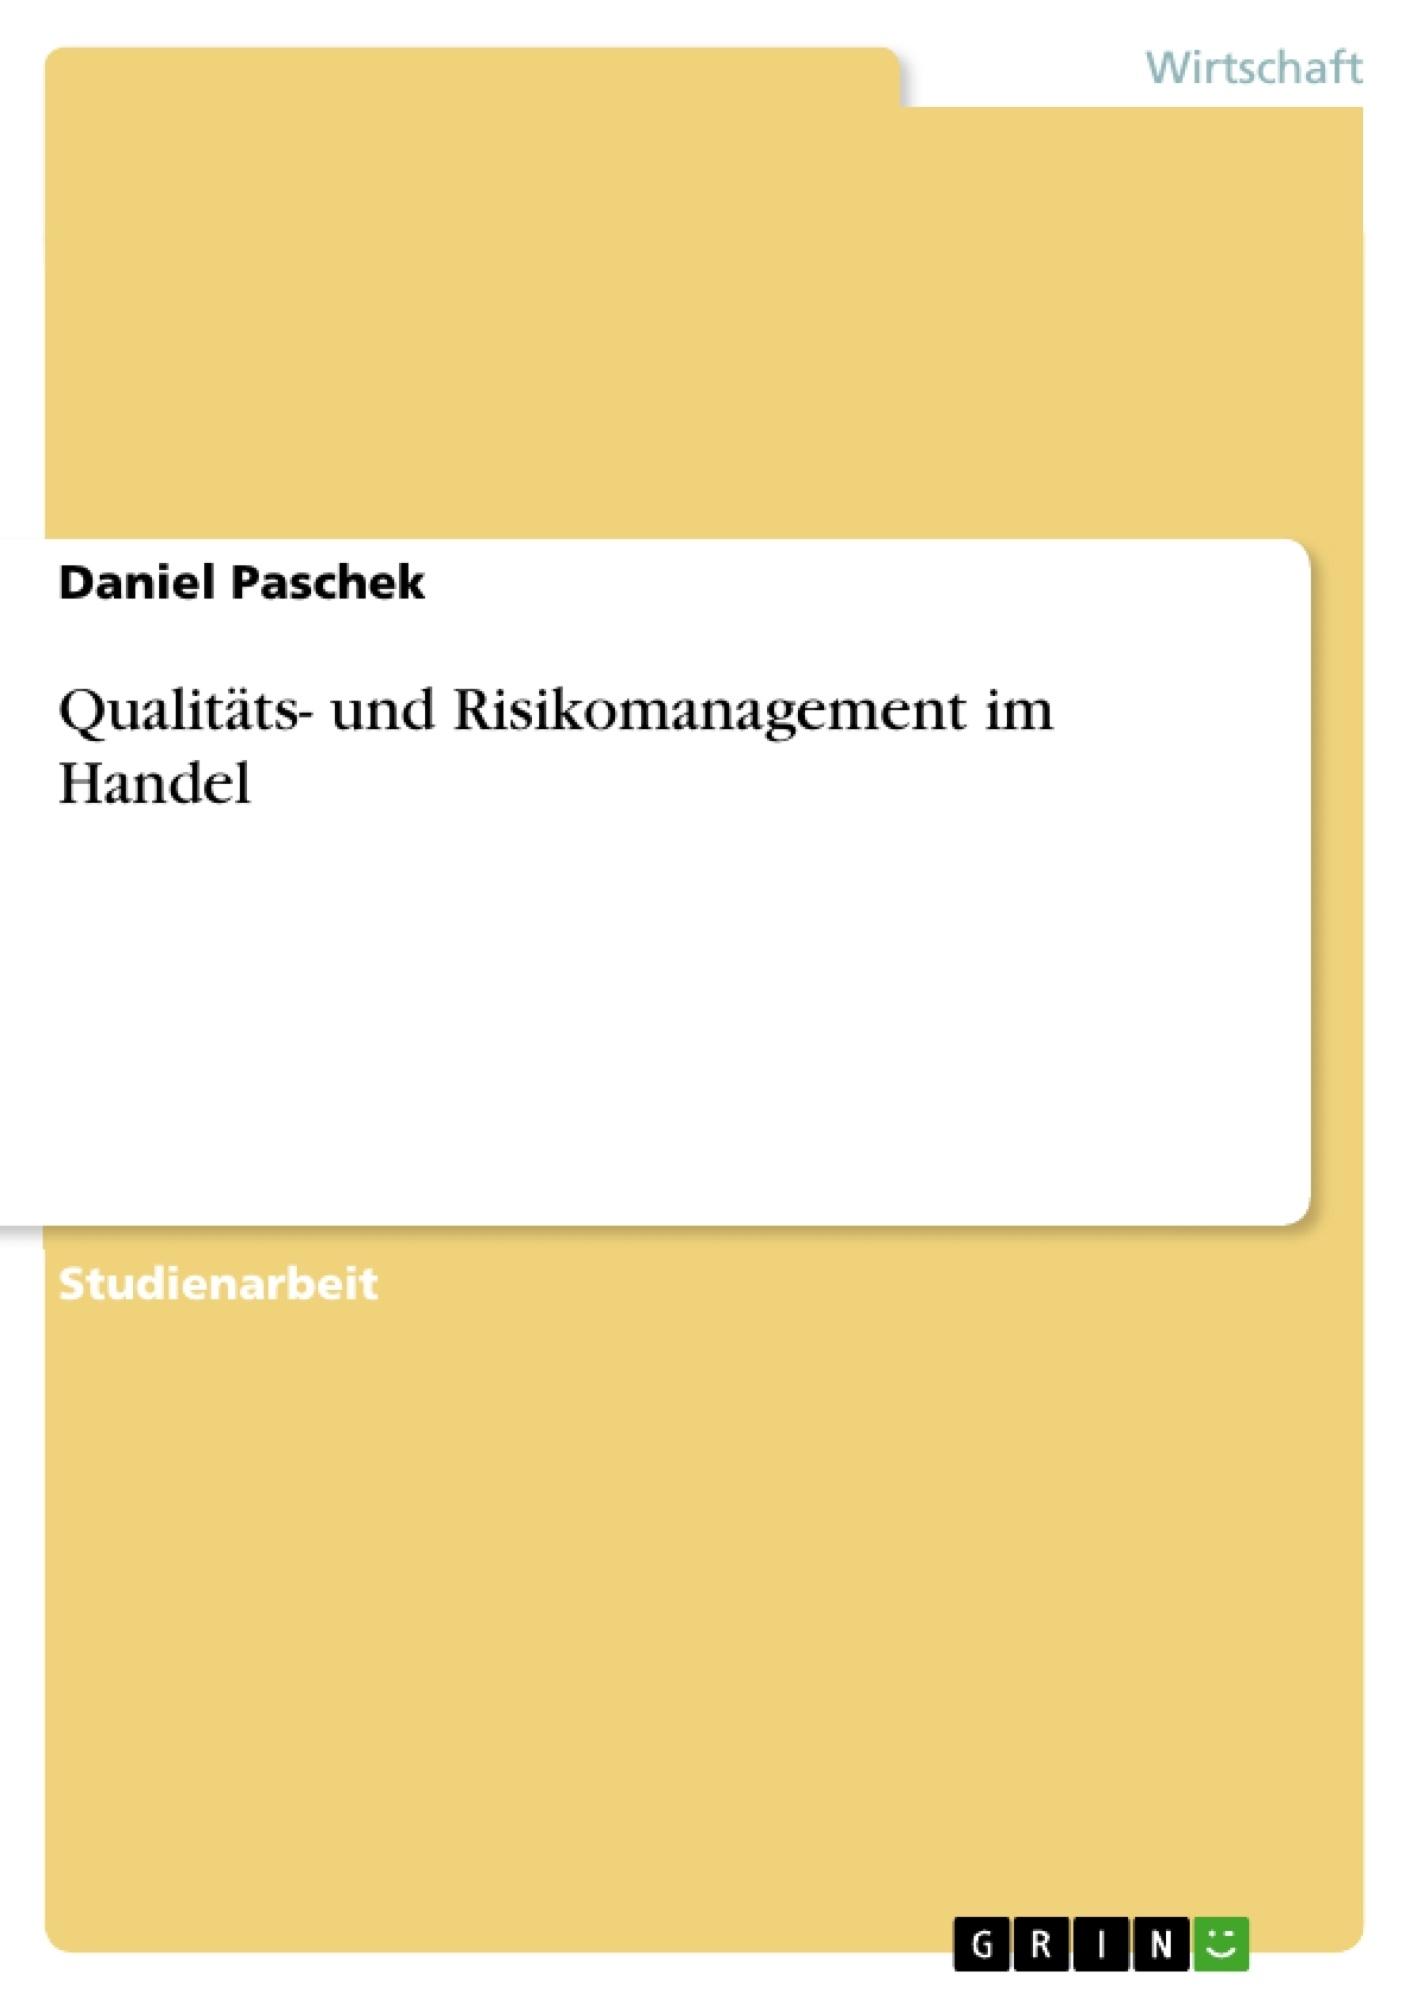 Titel: Qualitäts- und Risikomanagement im Handel